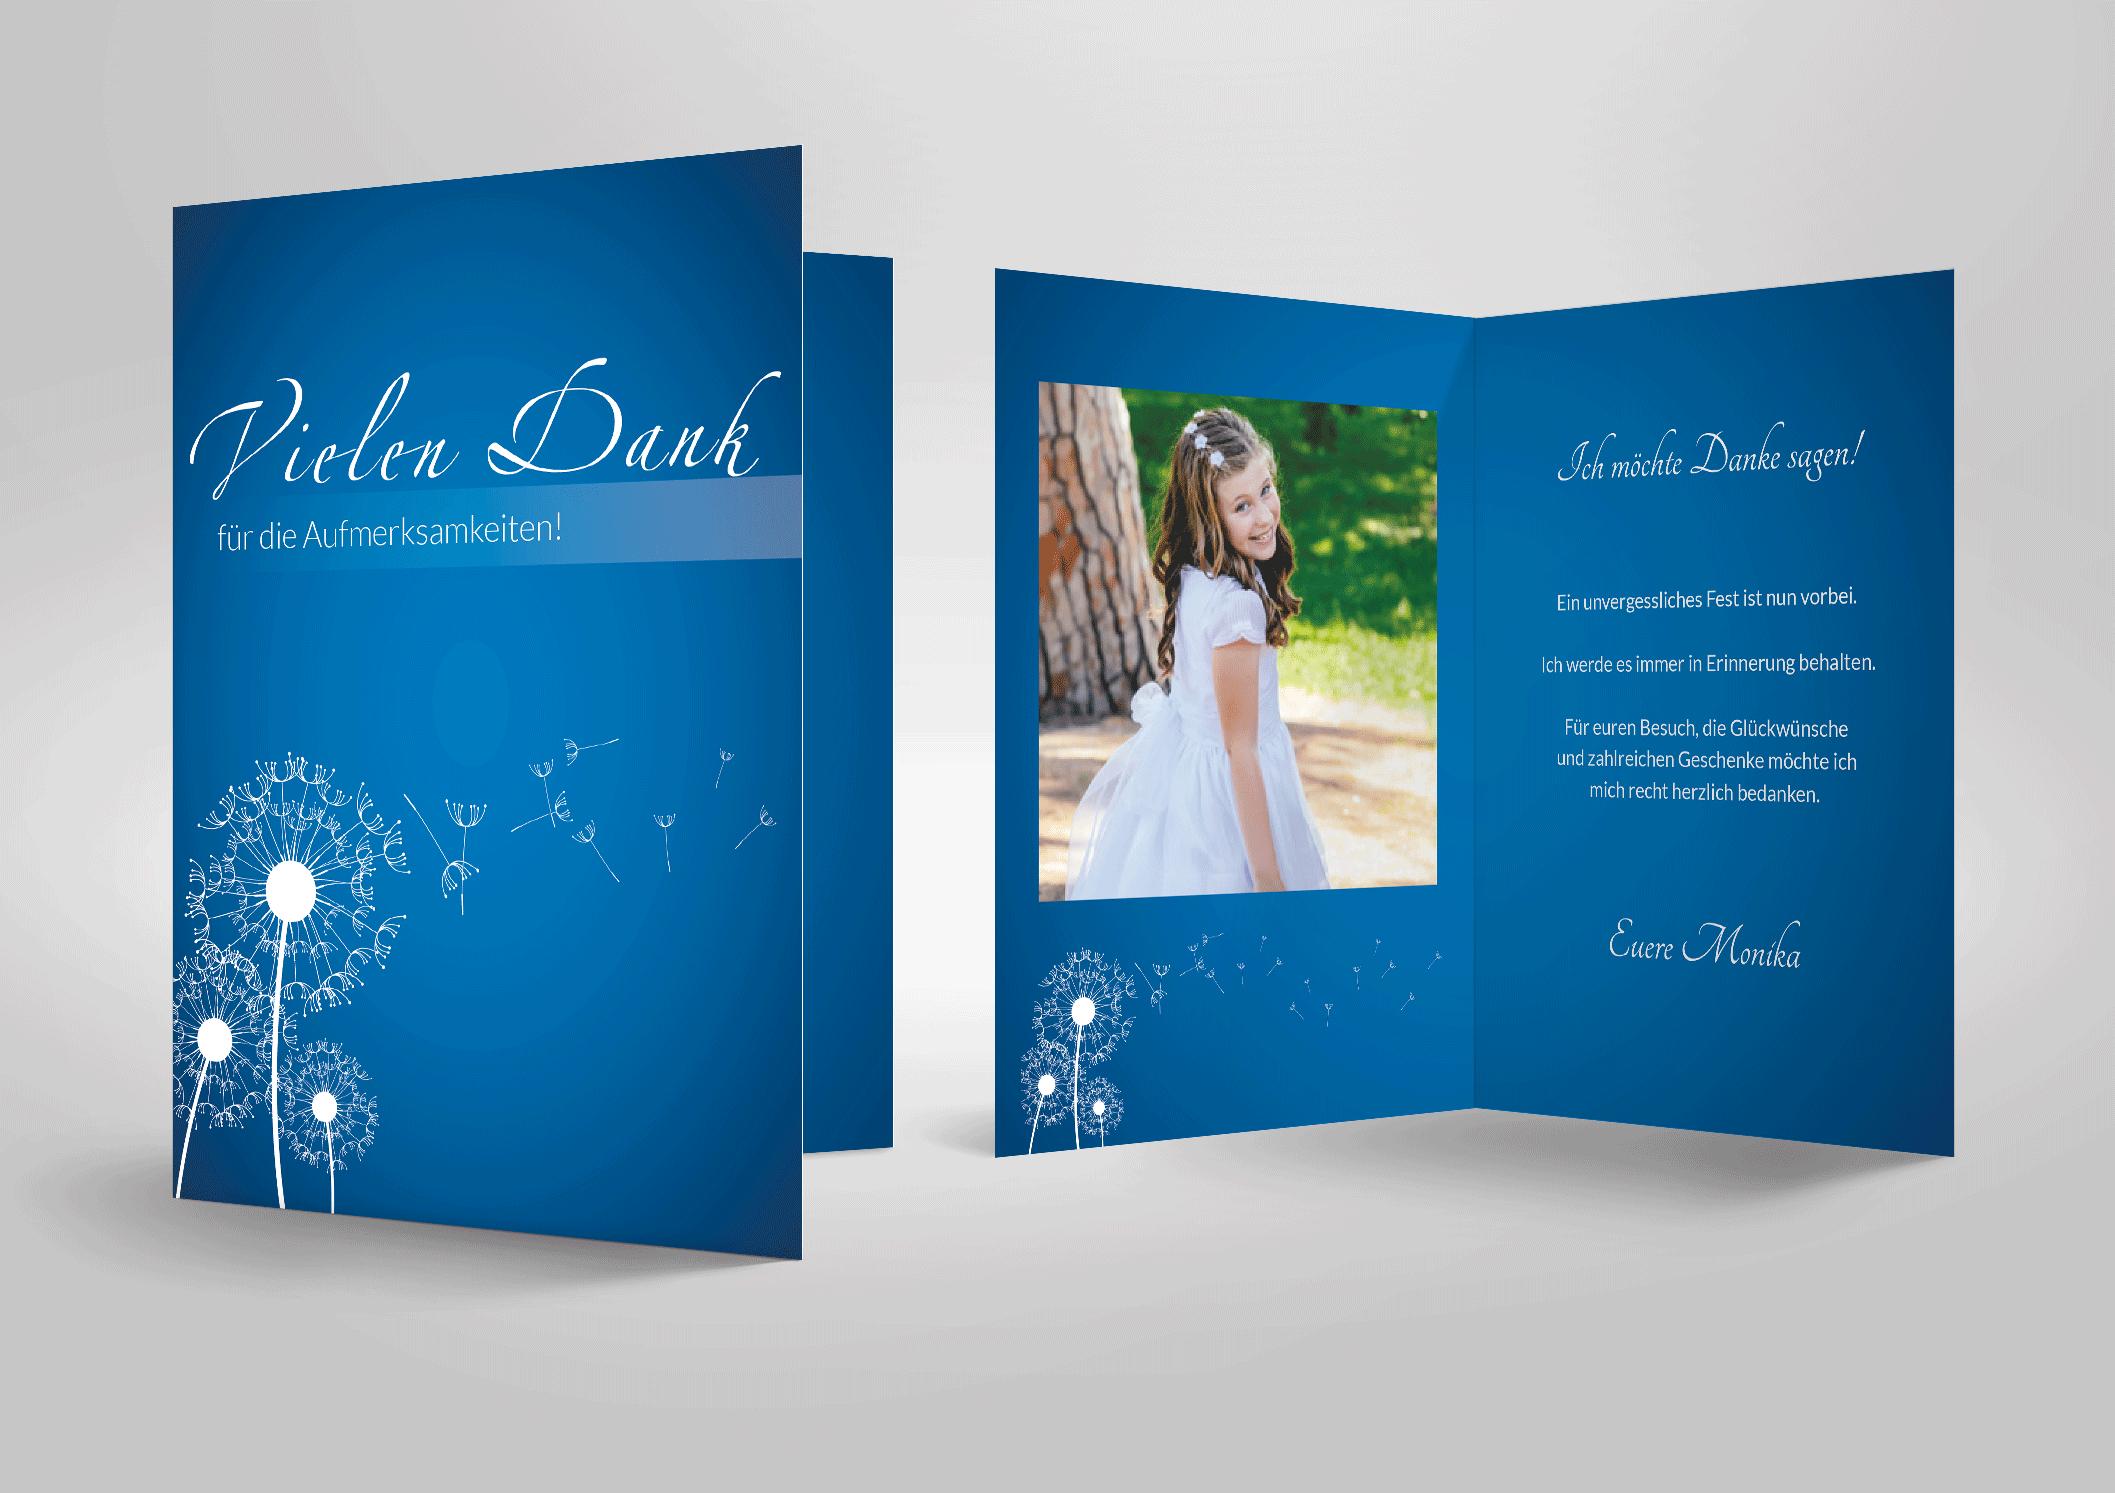 Dankeskarte zur Kommunion in blau mit einer Pusteblume als Motiv